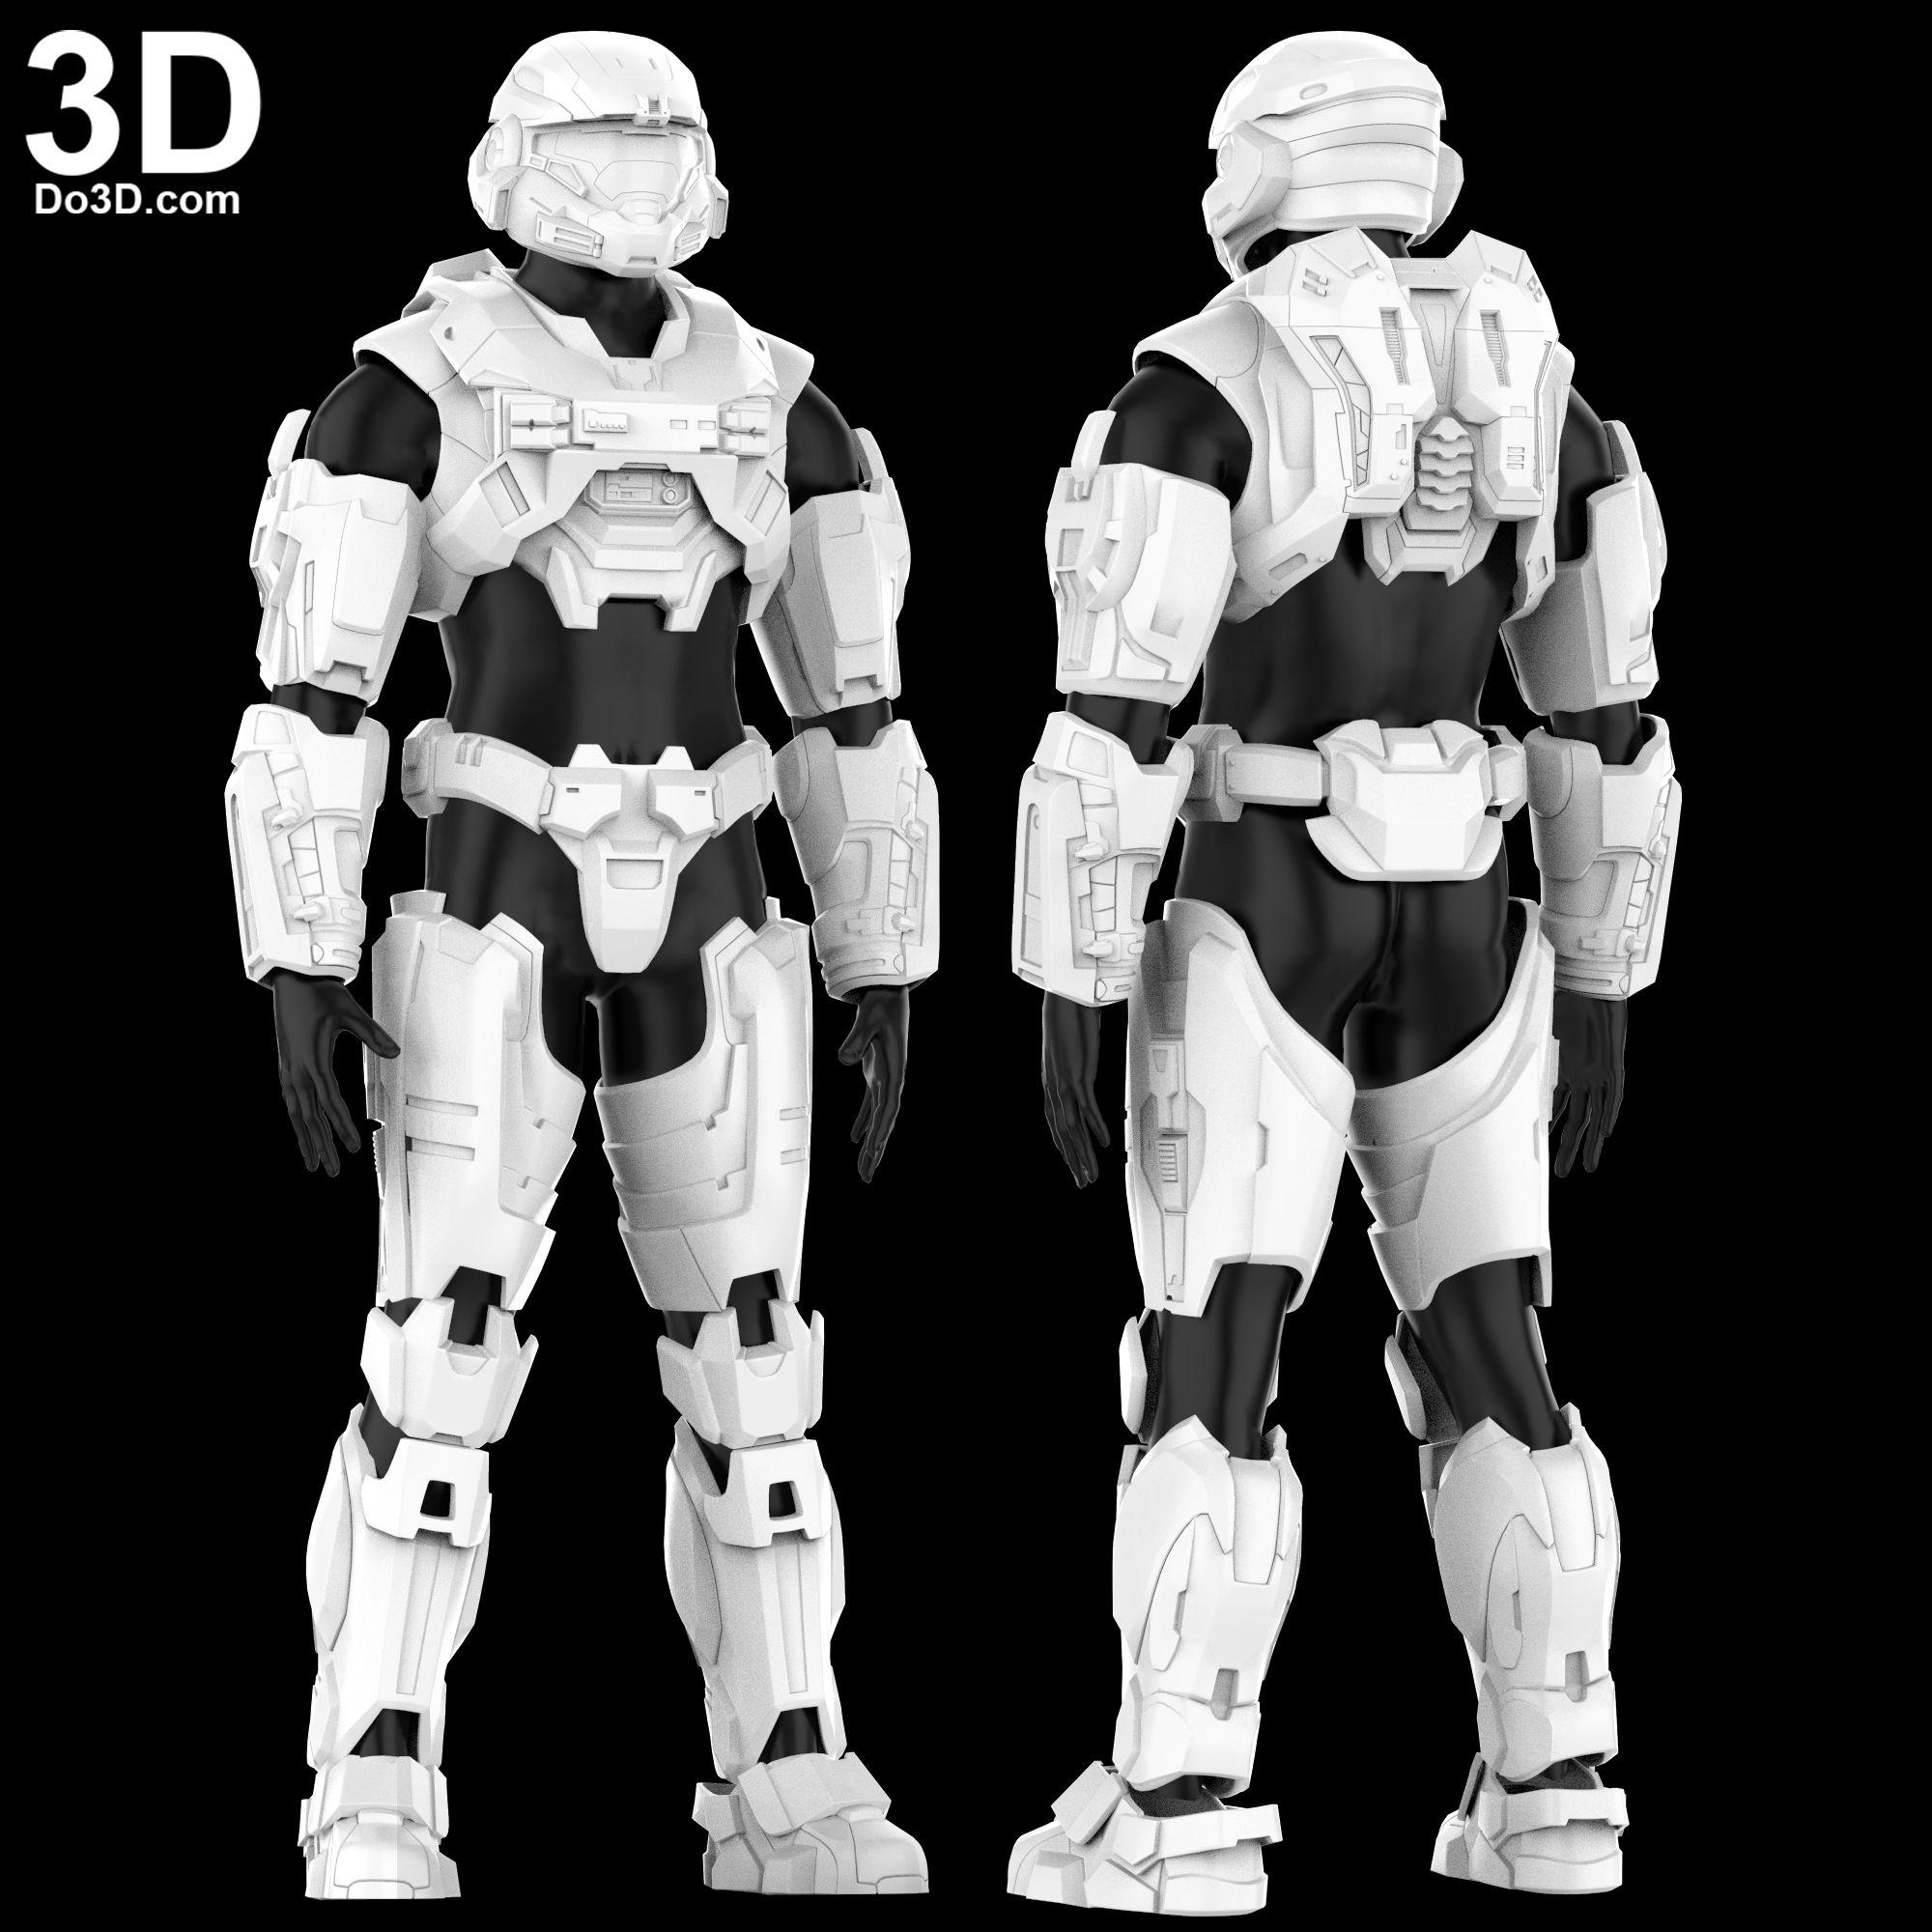 3D Printable Model: Halo Reach Armor Mjolnir Powered Assault Armor